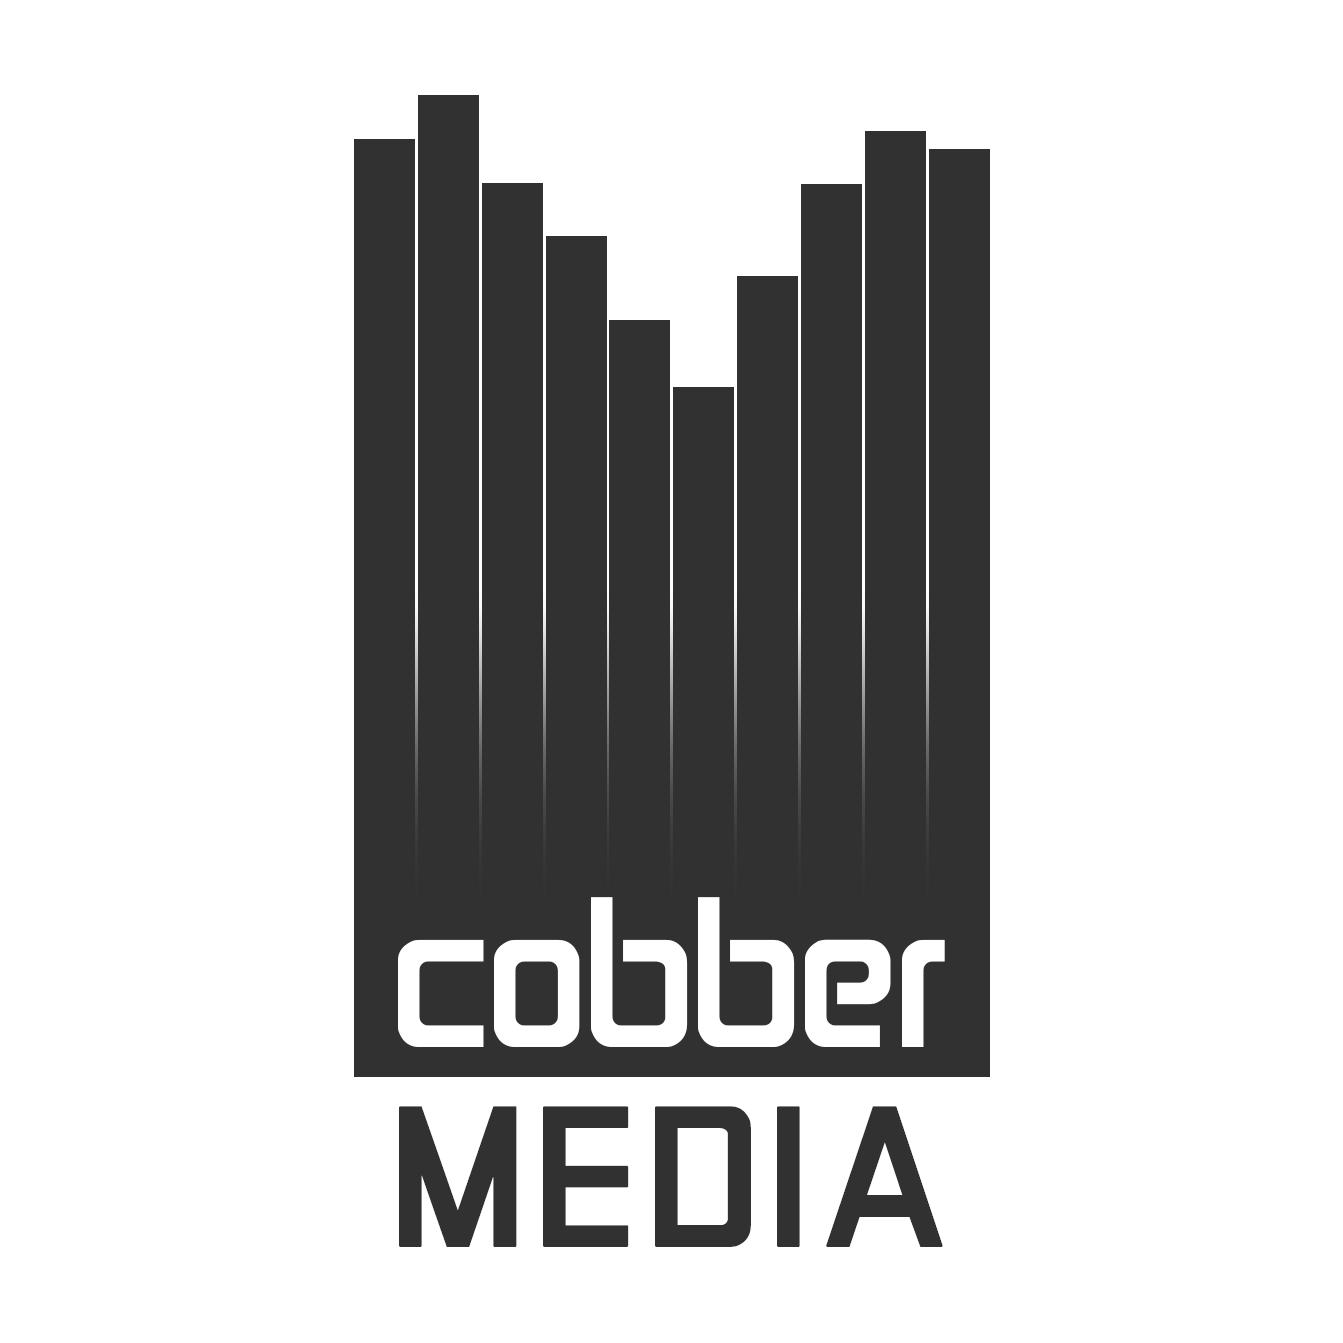 Cobber Media